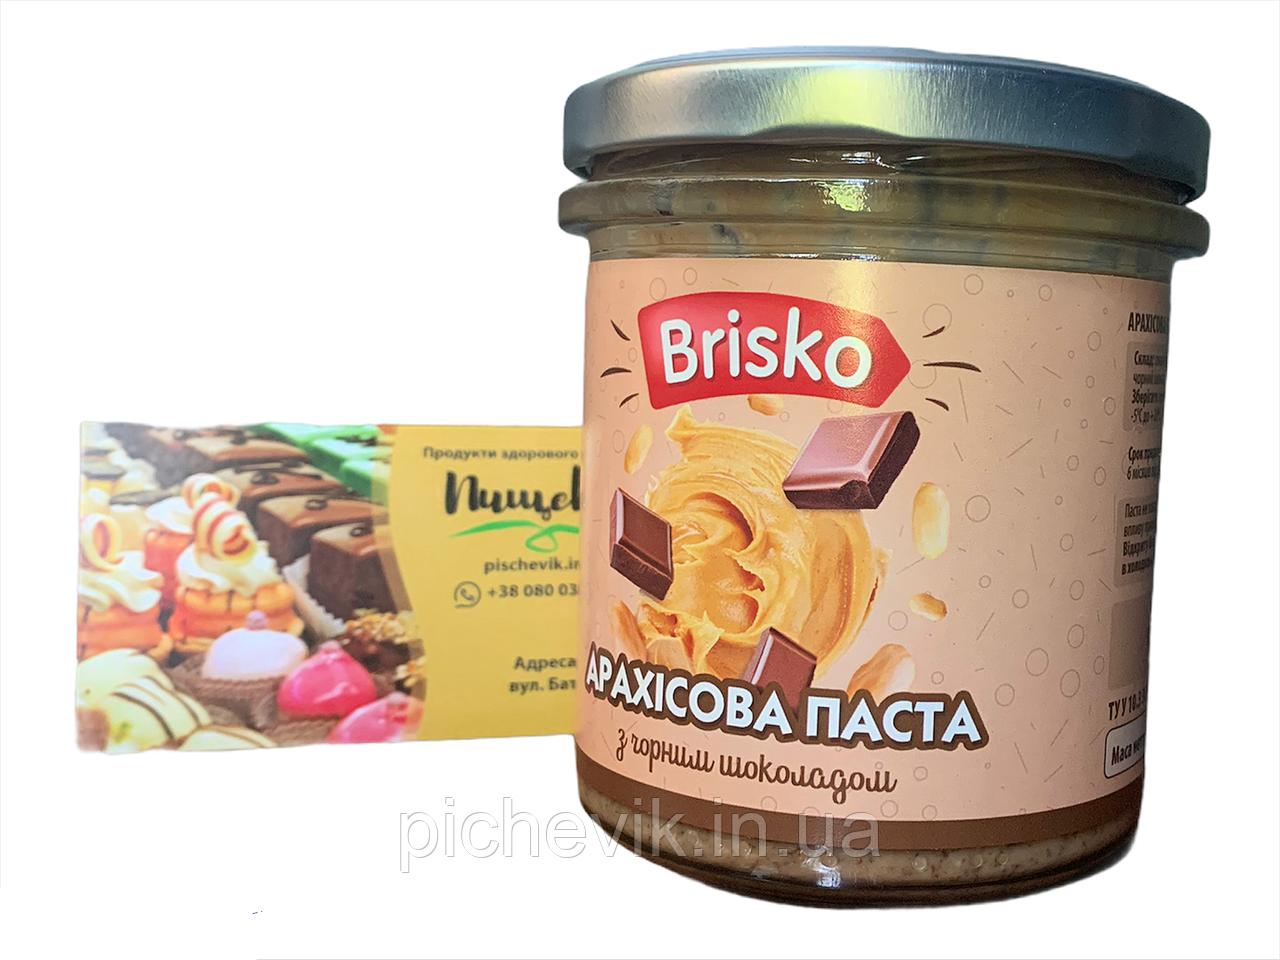 Арахисовая паста с черным шоколадом ТМ Brisko (Украина) Вес:1 кг